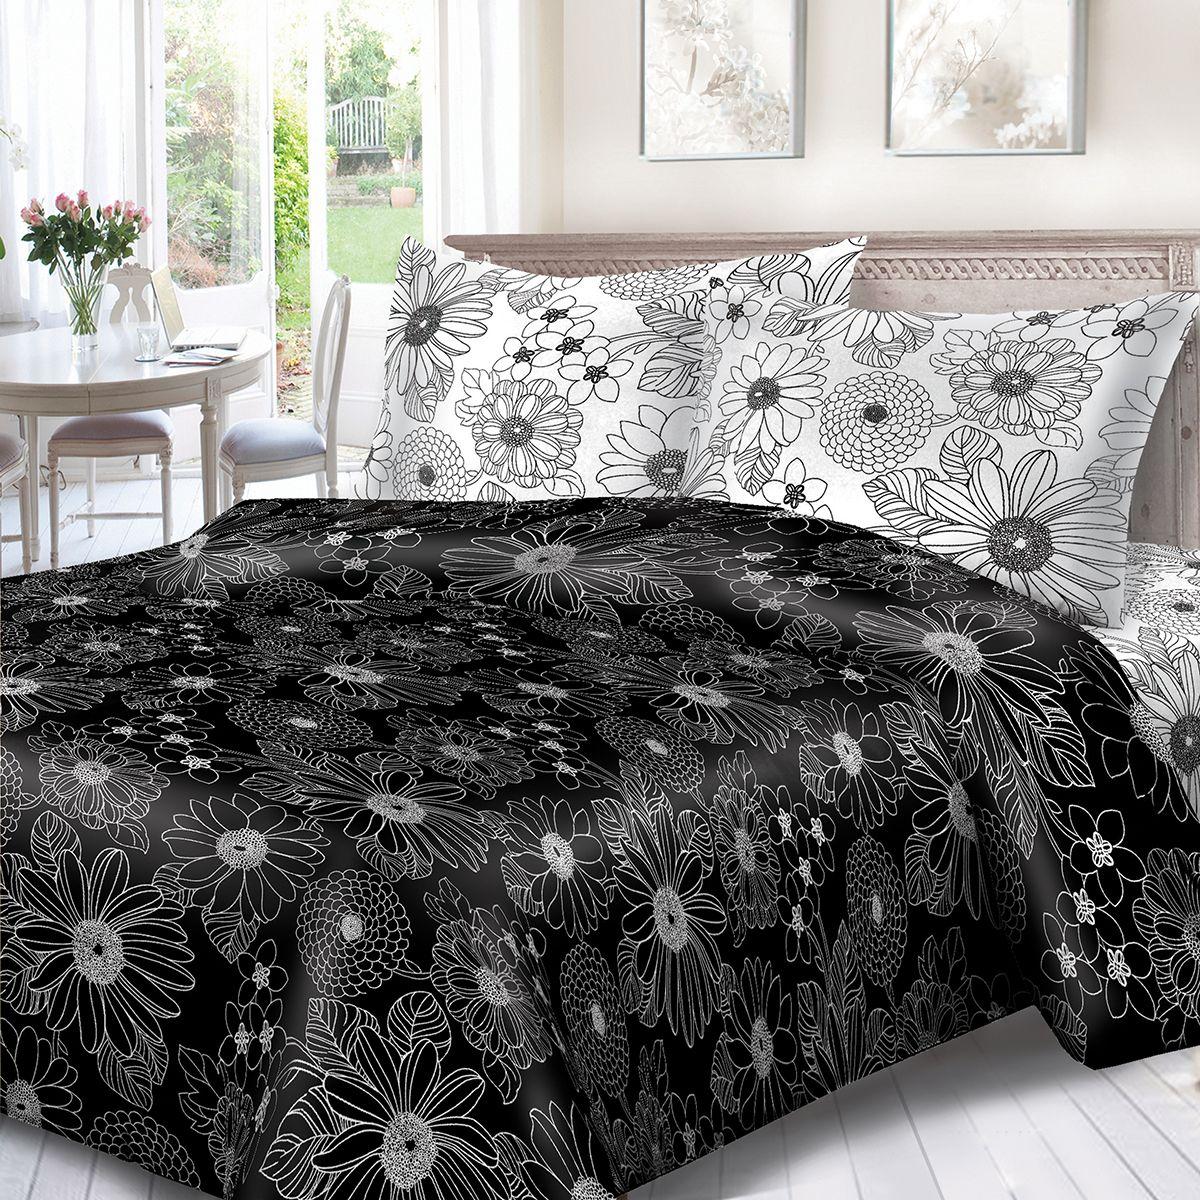 Комплект белья Сорренто День и ночь, 1,5 спальное, наволочки 70x70, цвет: черный. 1132-189074